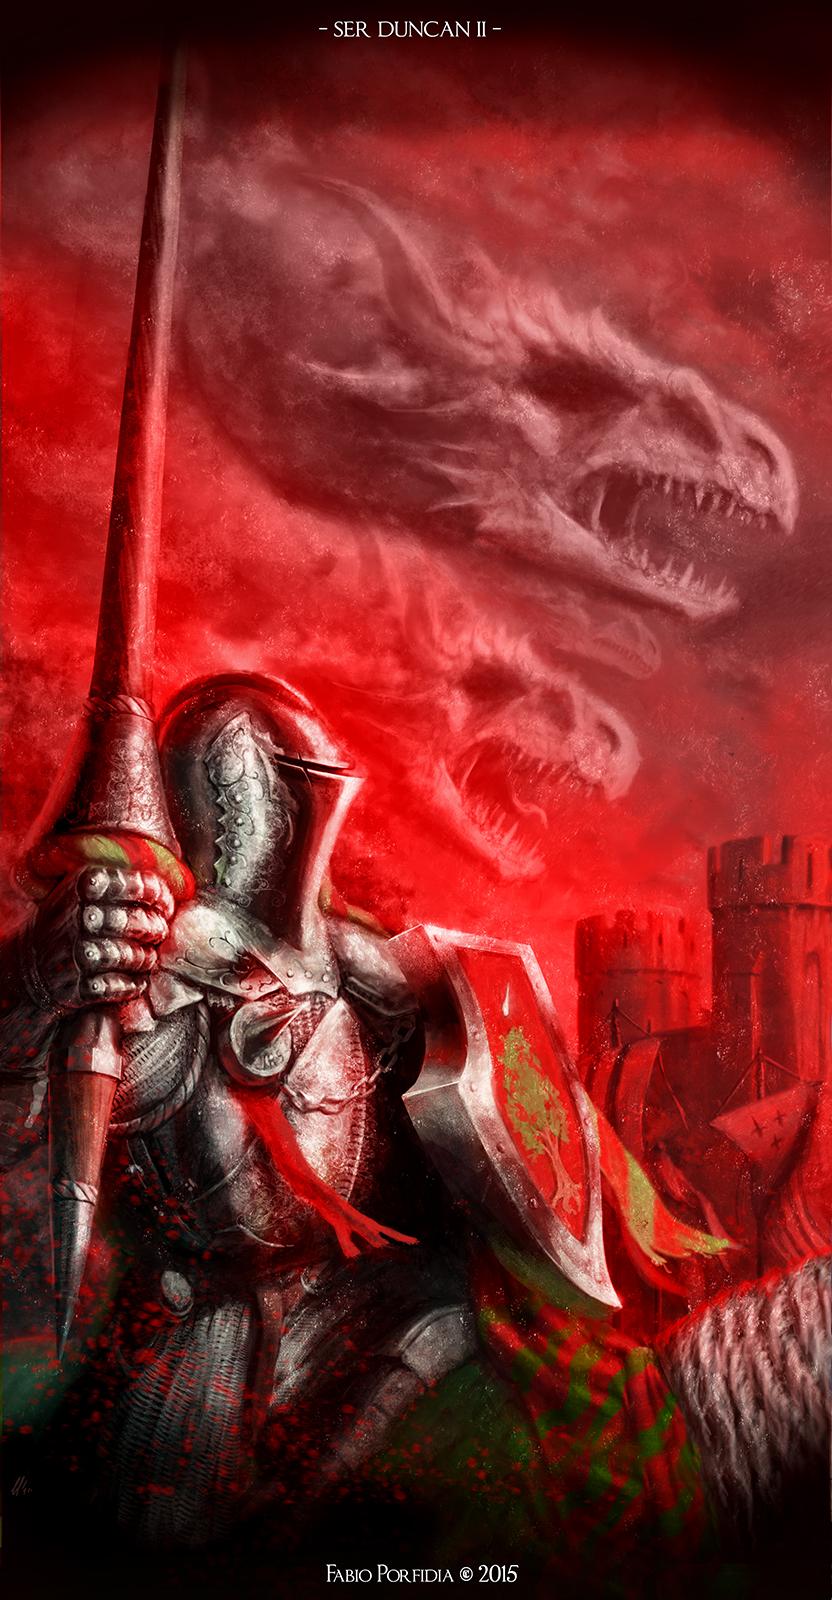 Ser Duncan II